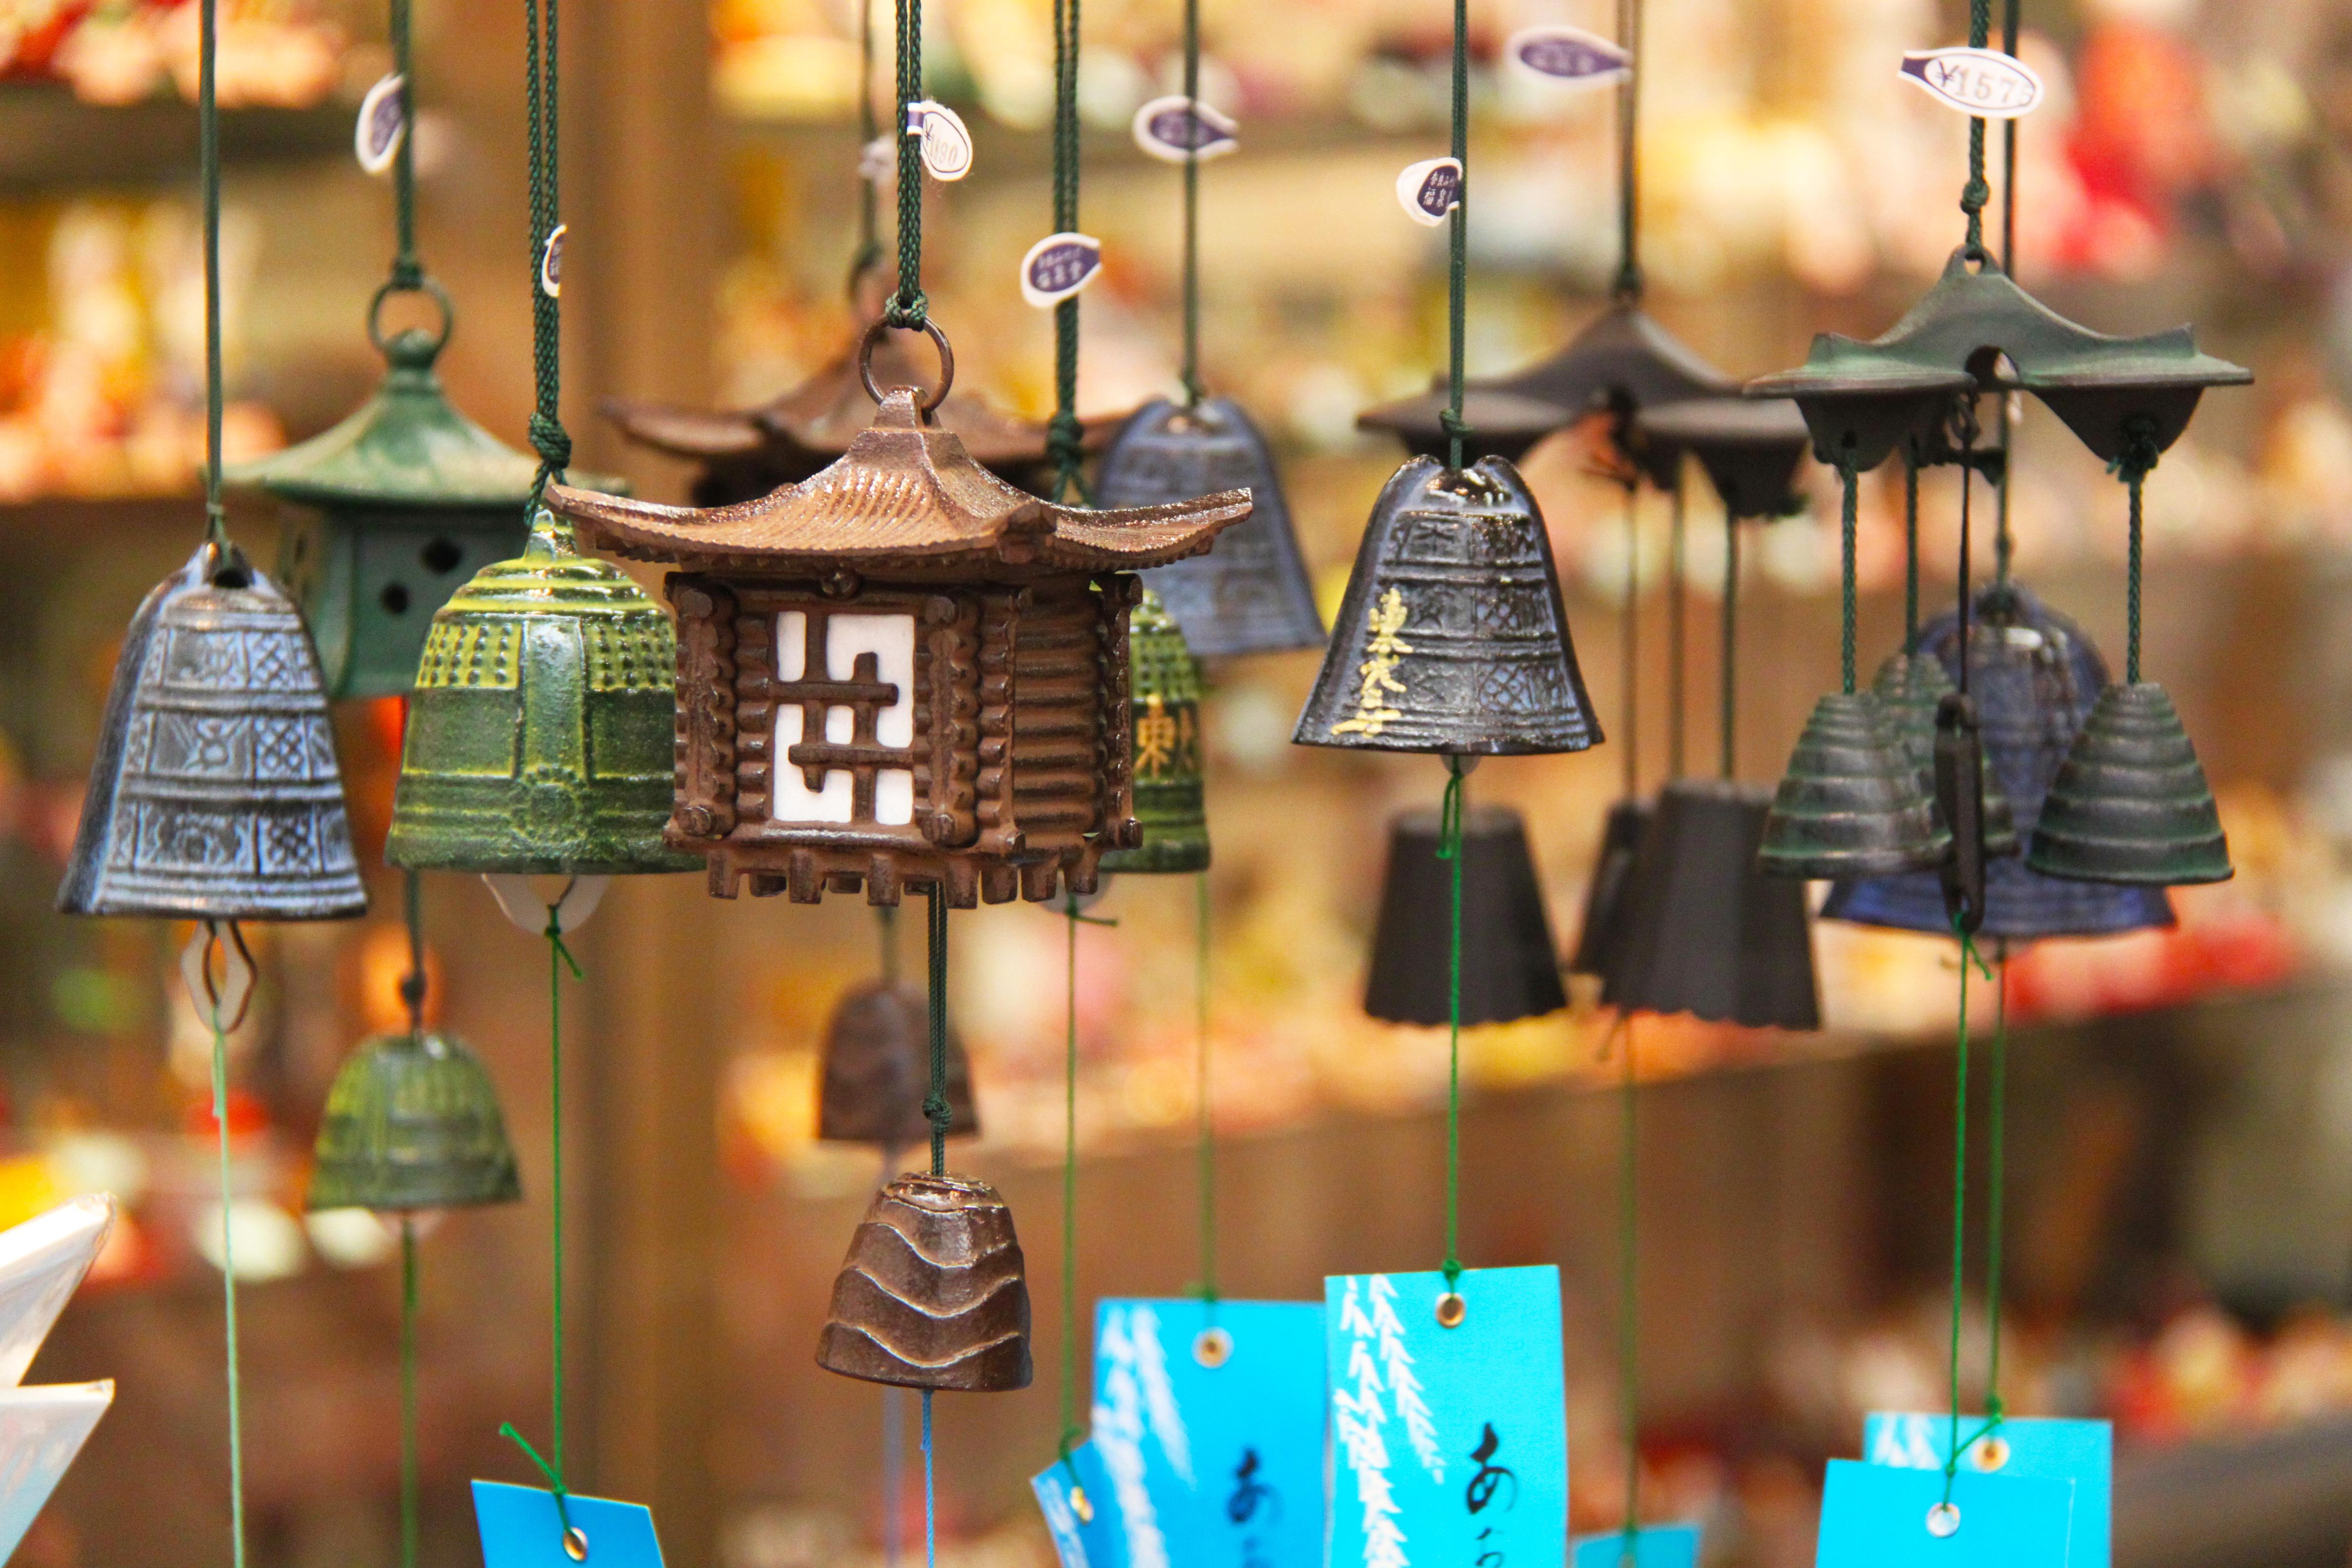 Free Images : antique, ring, japan, lighting, sound, nara